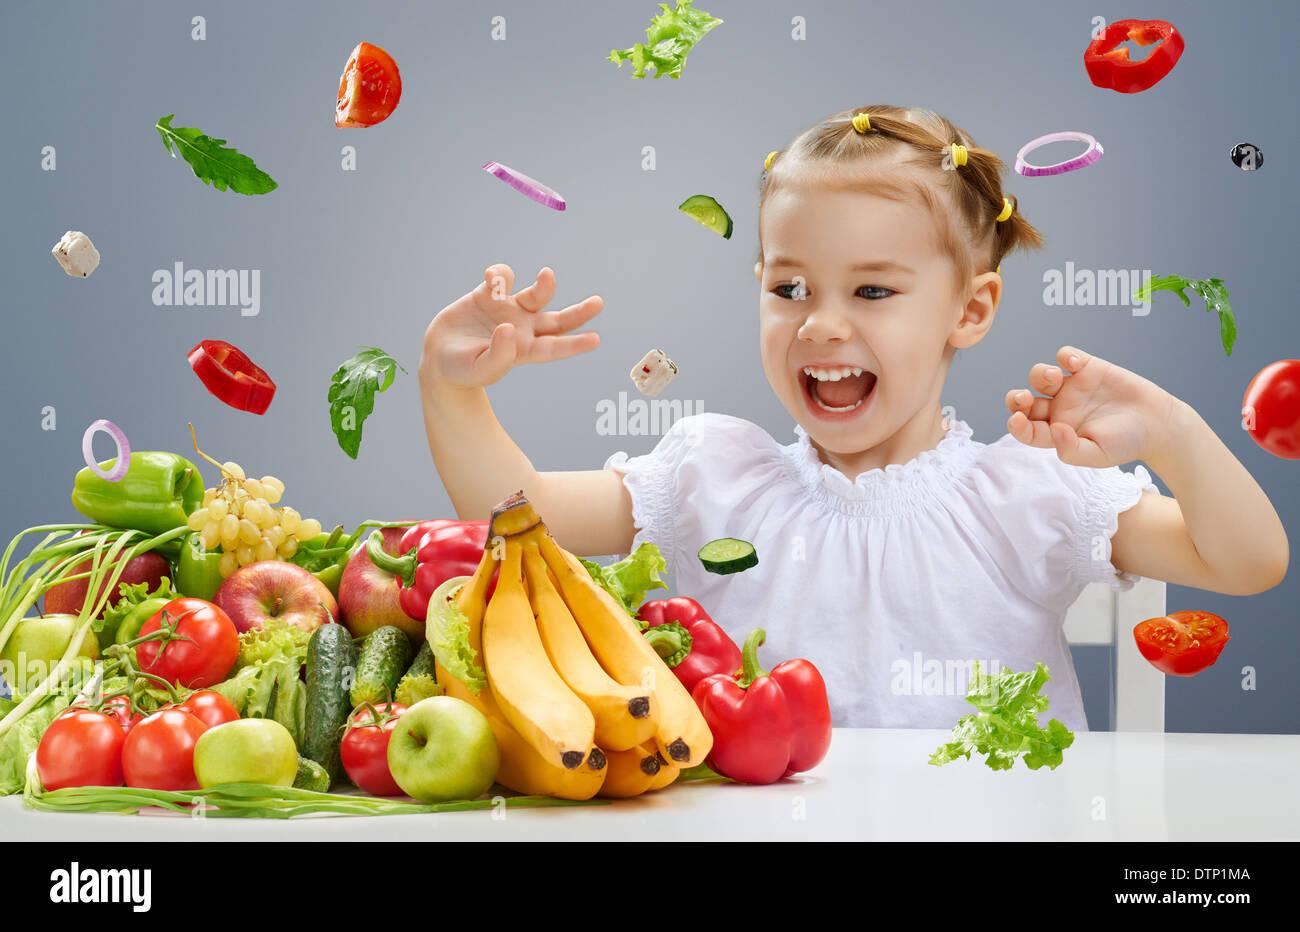 Una bella muchacha comiendo fruta fresca Imagen De Stock